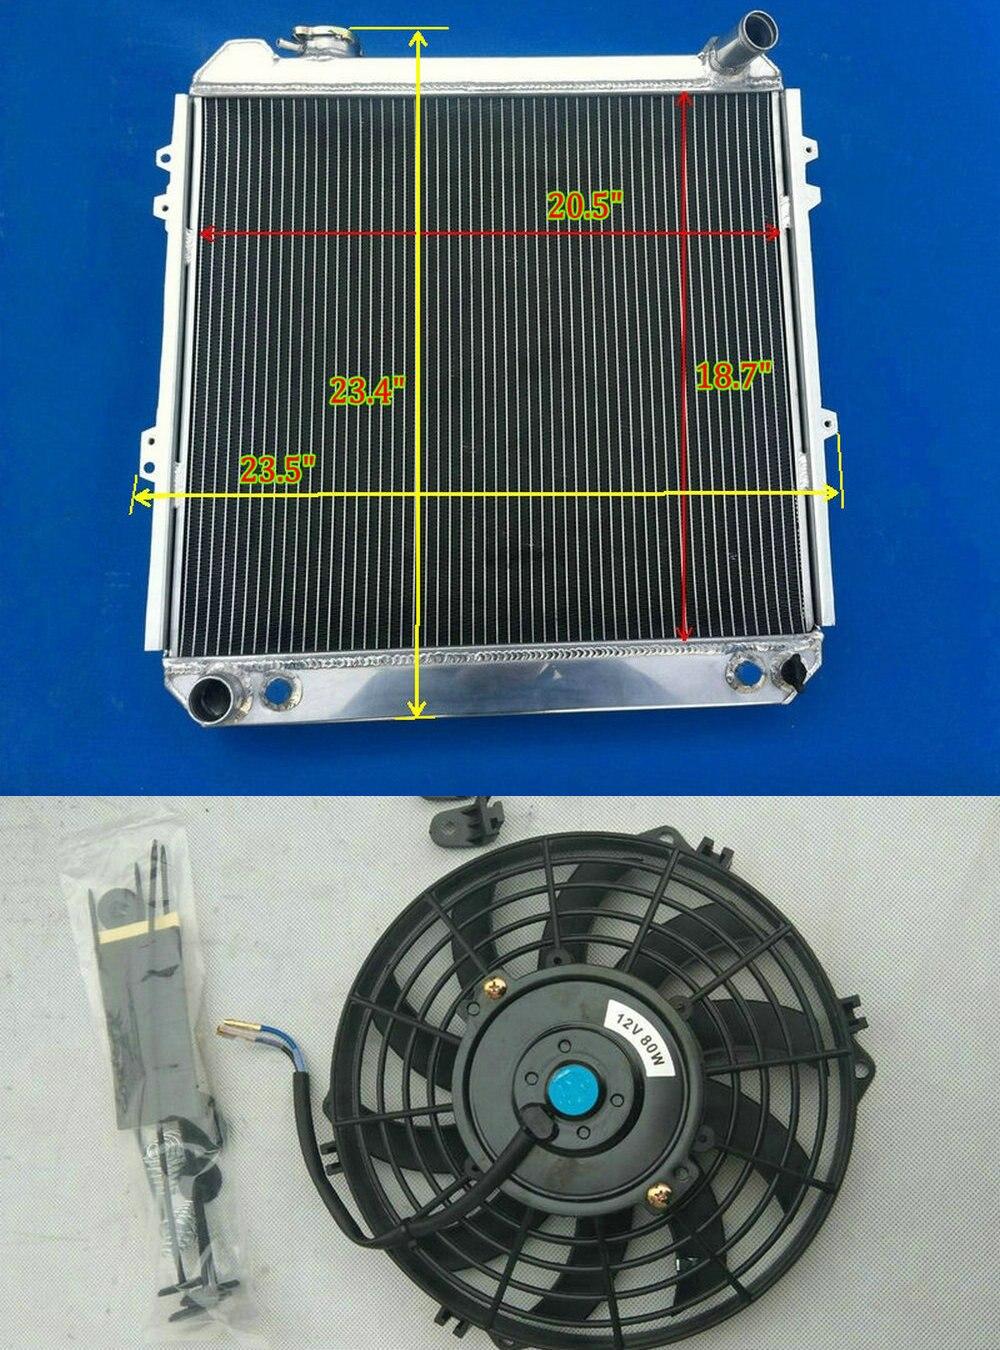 AIR INTAKE KIT S FOR 88 89 90 91 92 93 94 95 TOYOTA PICKUP//4RUNNER 3.0 3.0L V6